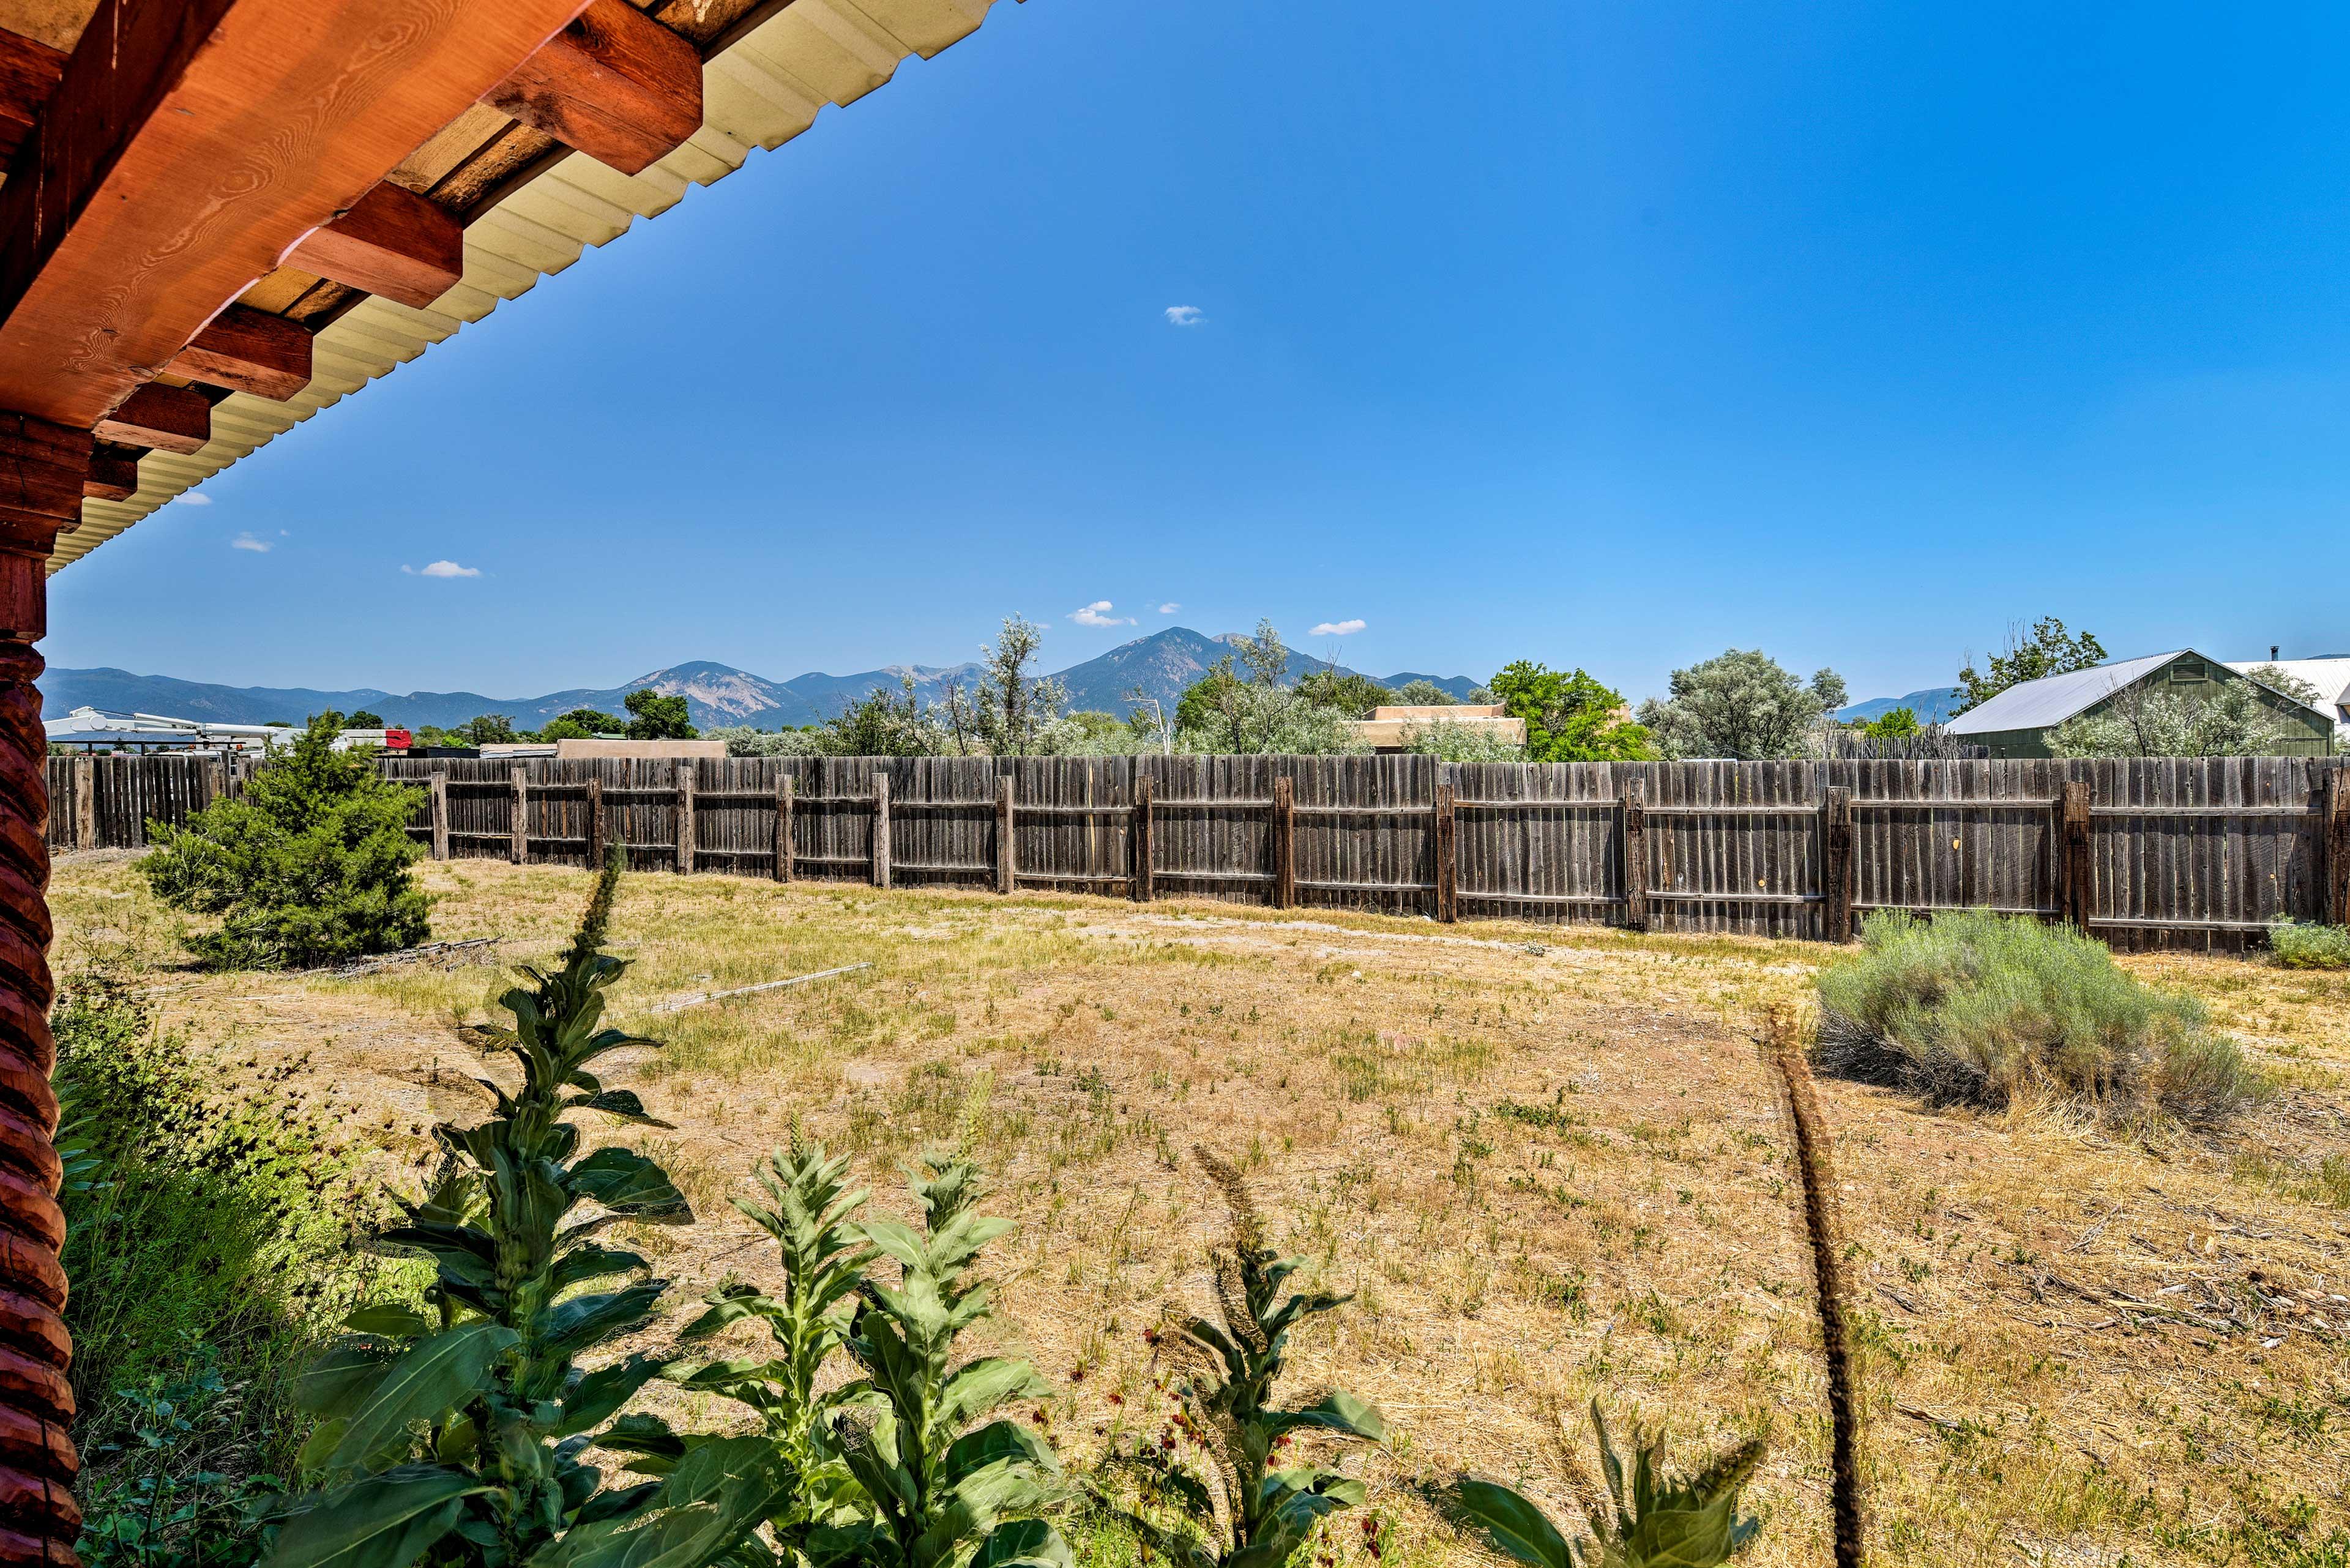 Take in spectacular views of the Taos Mountain Range!